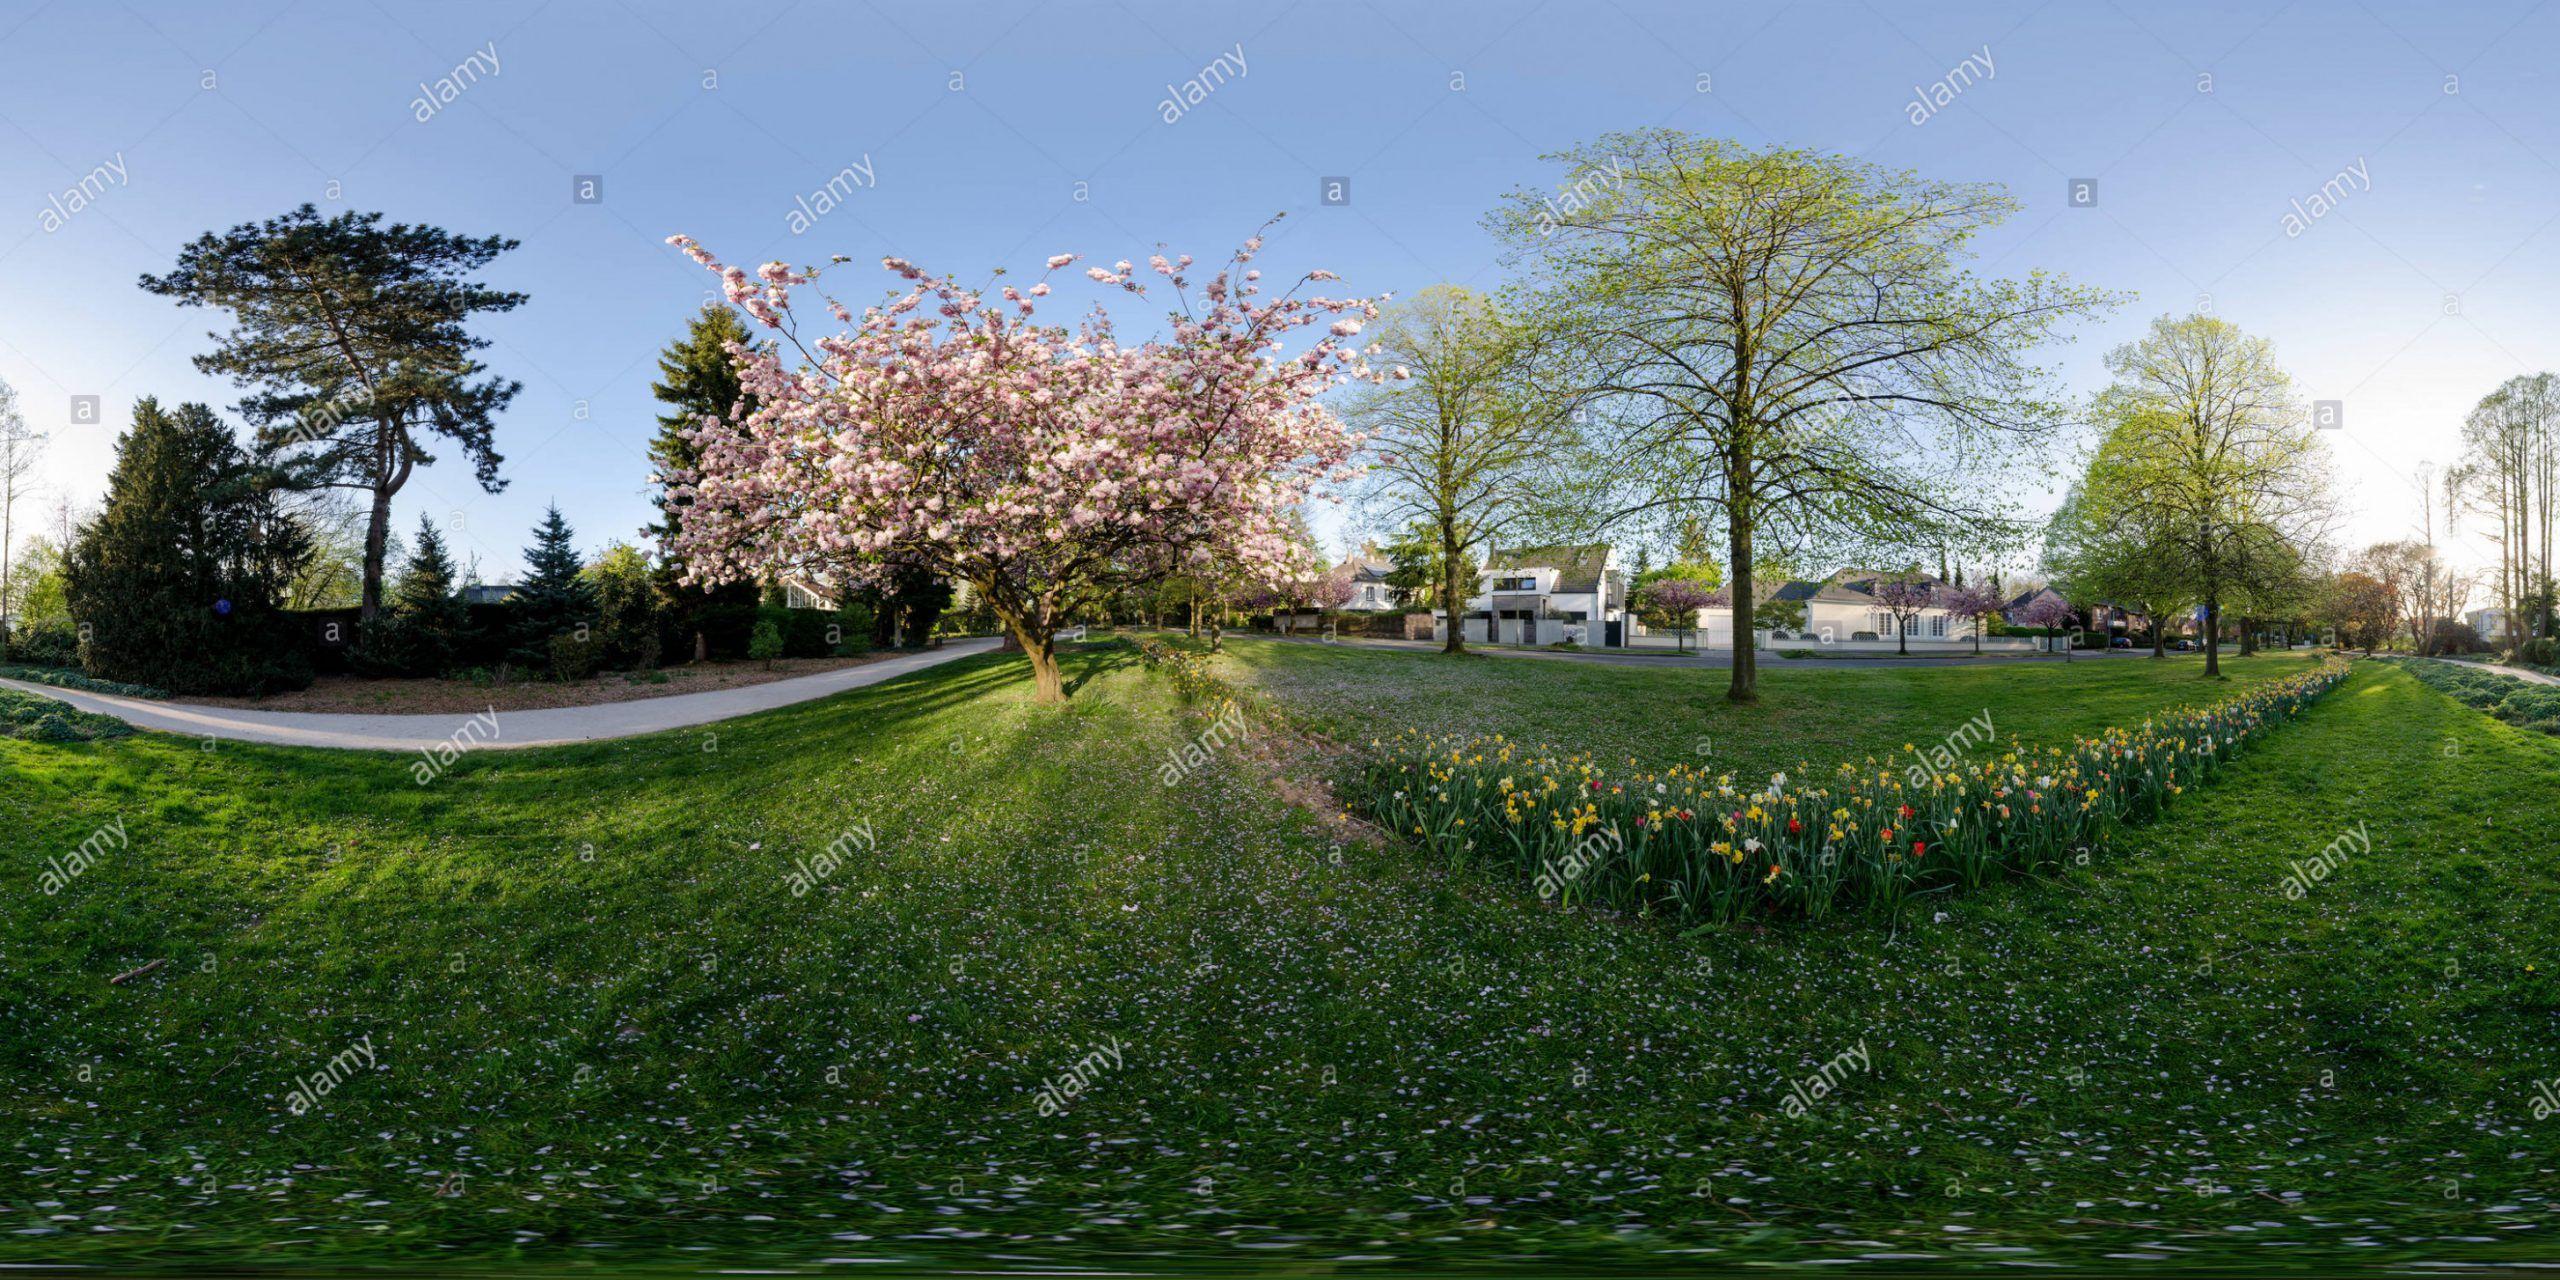 Bunter Garten Monchengladbach Garten Botanischer Garten Garten Ideen